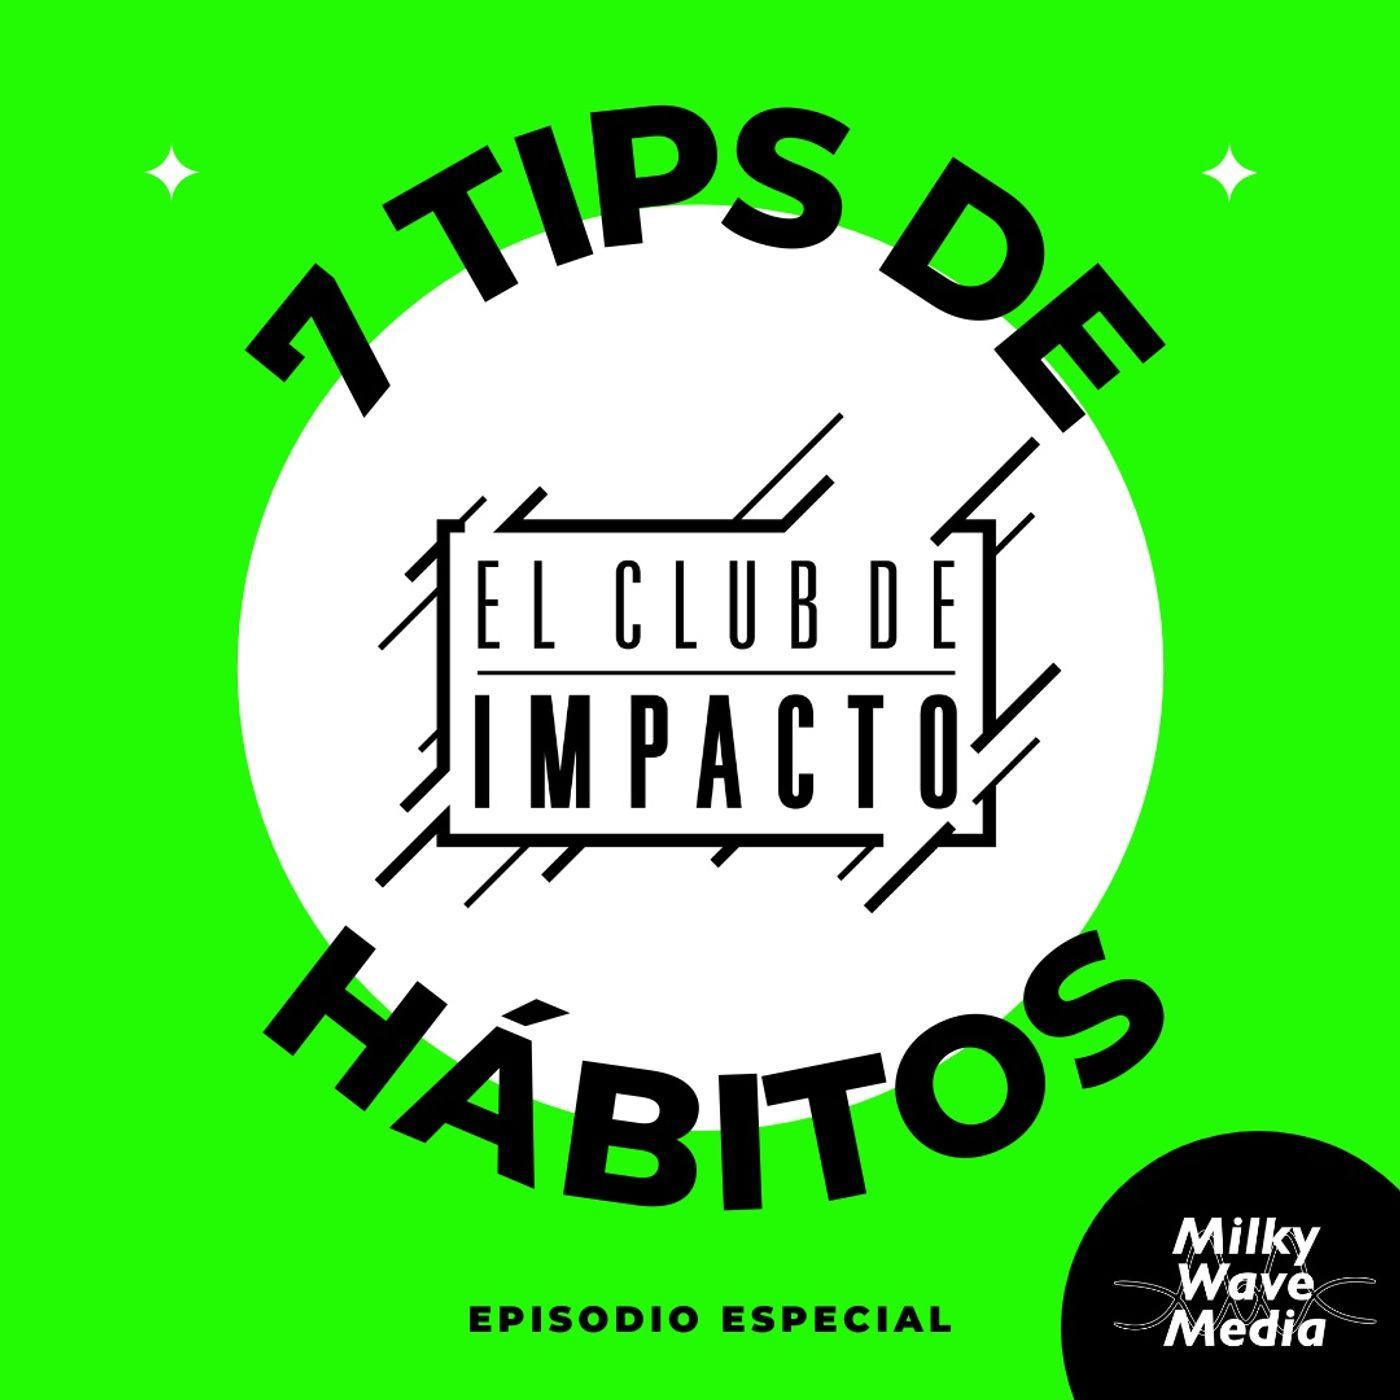 7 Tips de Hábitos  Episodio Especial   E15 T3